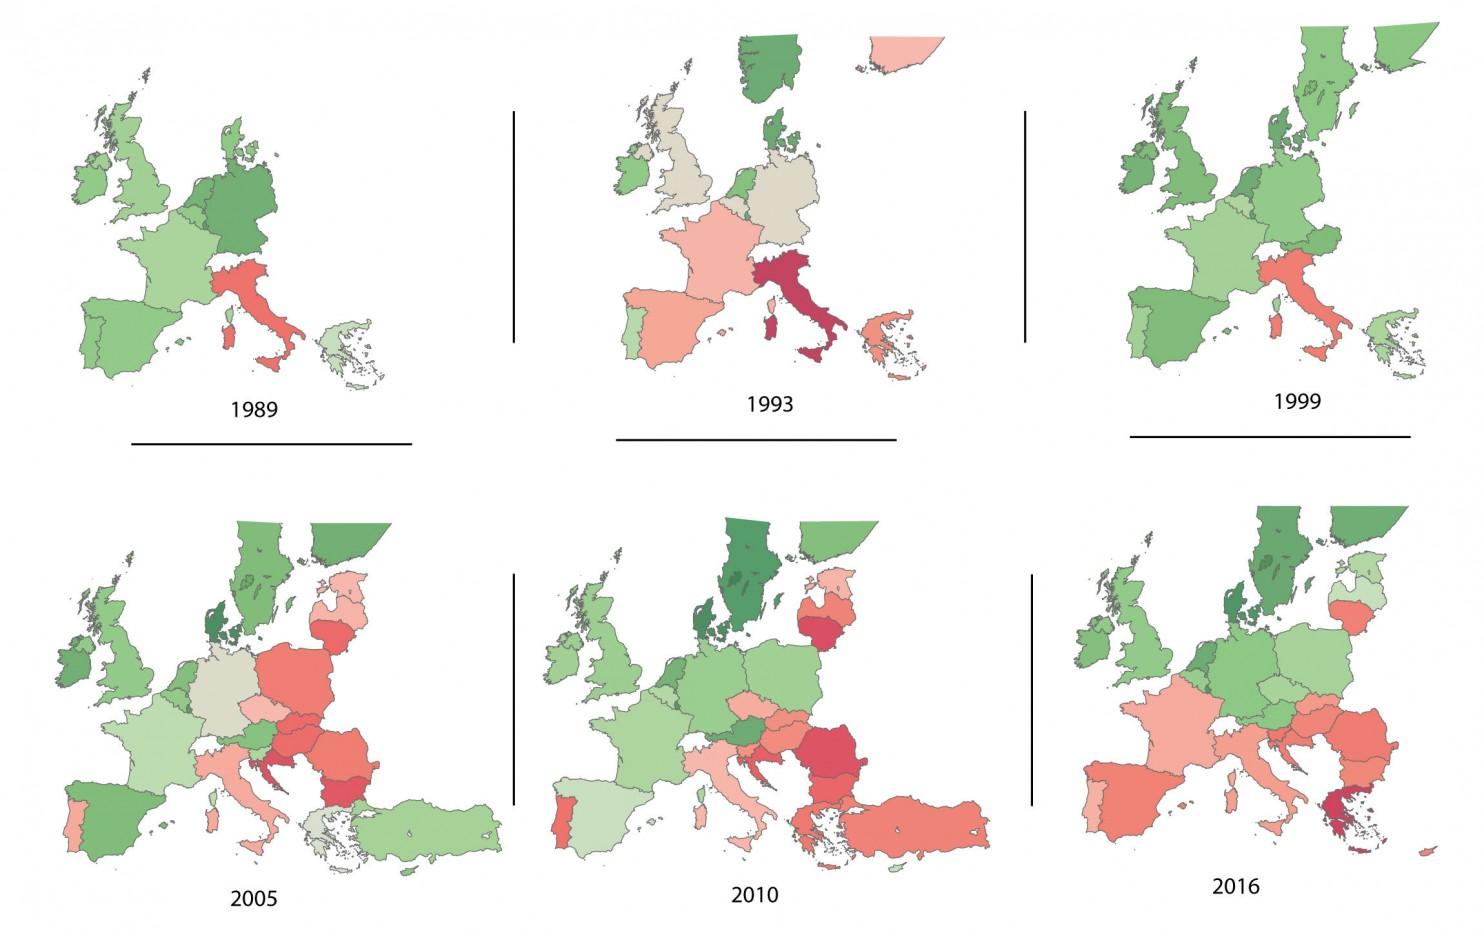 eu-disstatisfaction-maps.jpg